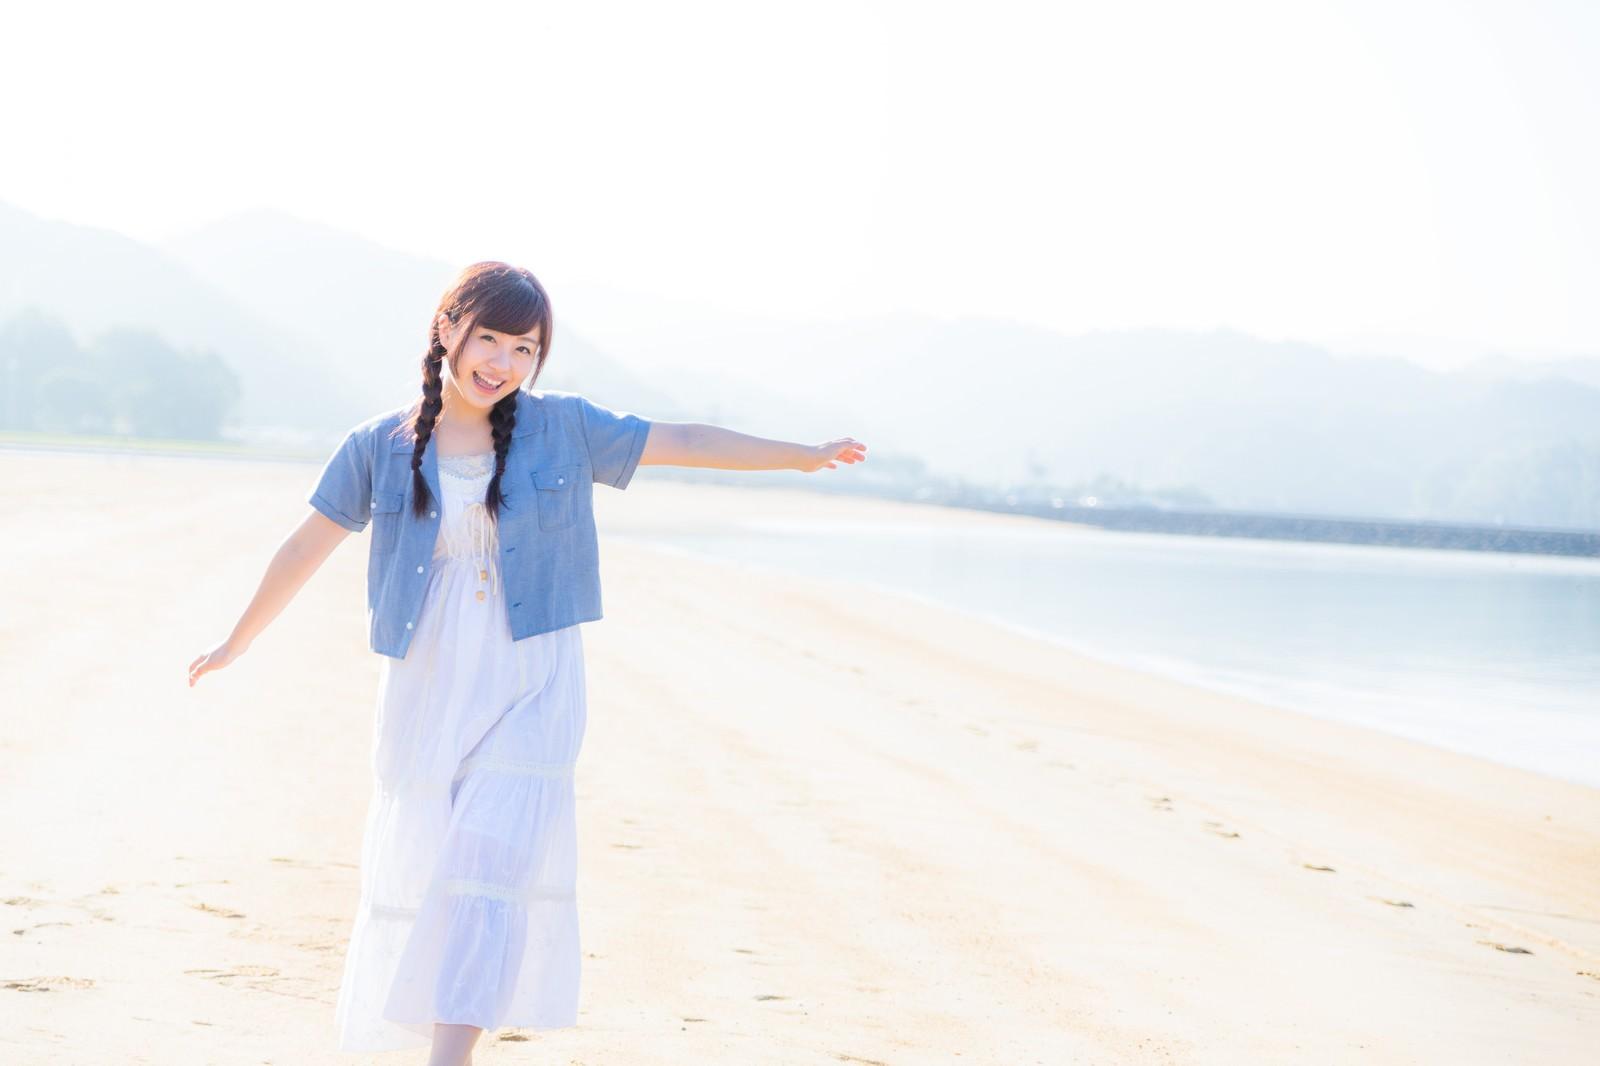 「イマリンビーチと元気な女性 | 写真の無料素材・フリー素材 - ぱくたそ」の写真[モデル:河村友歌]